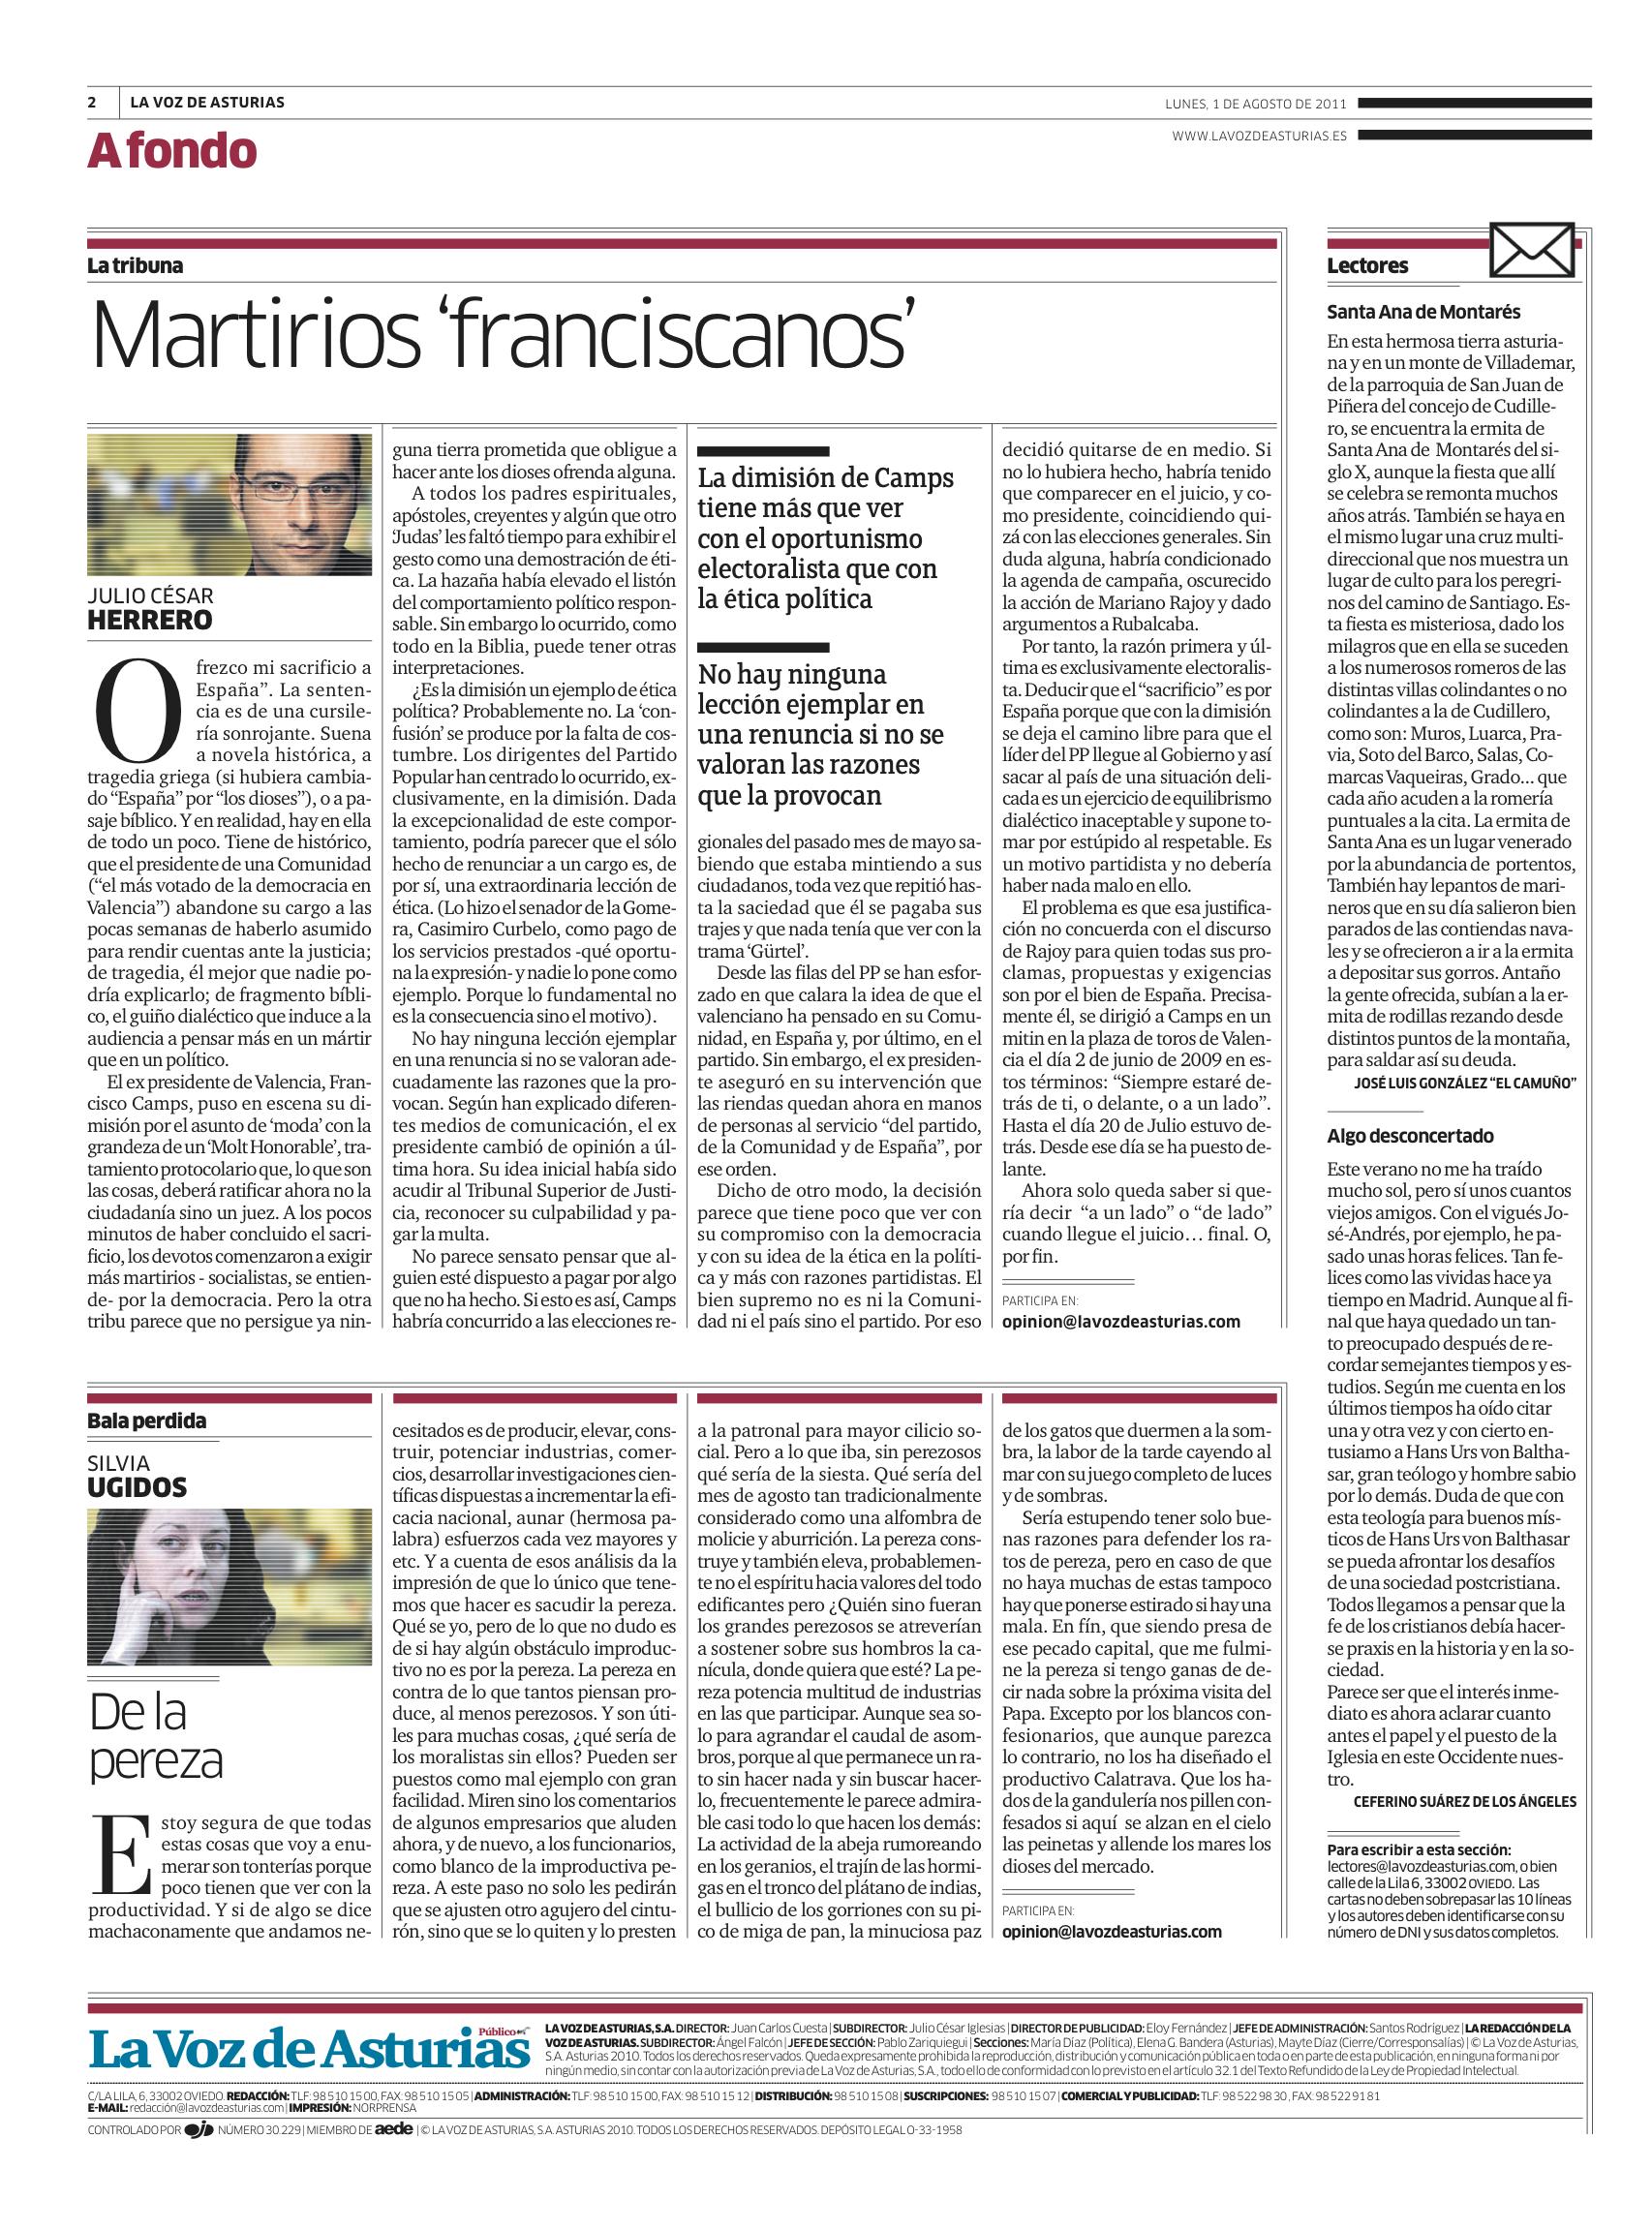 Martirios franciscanos